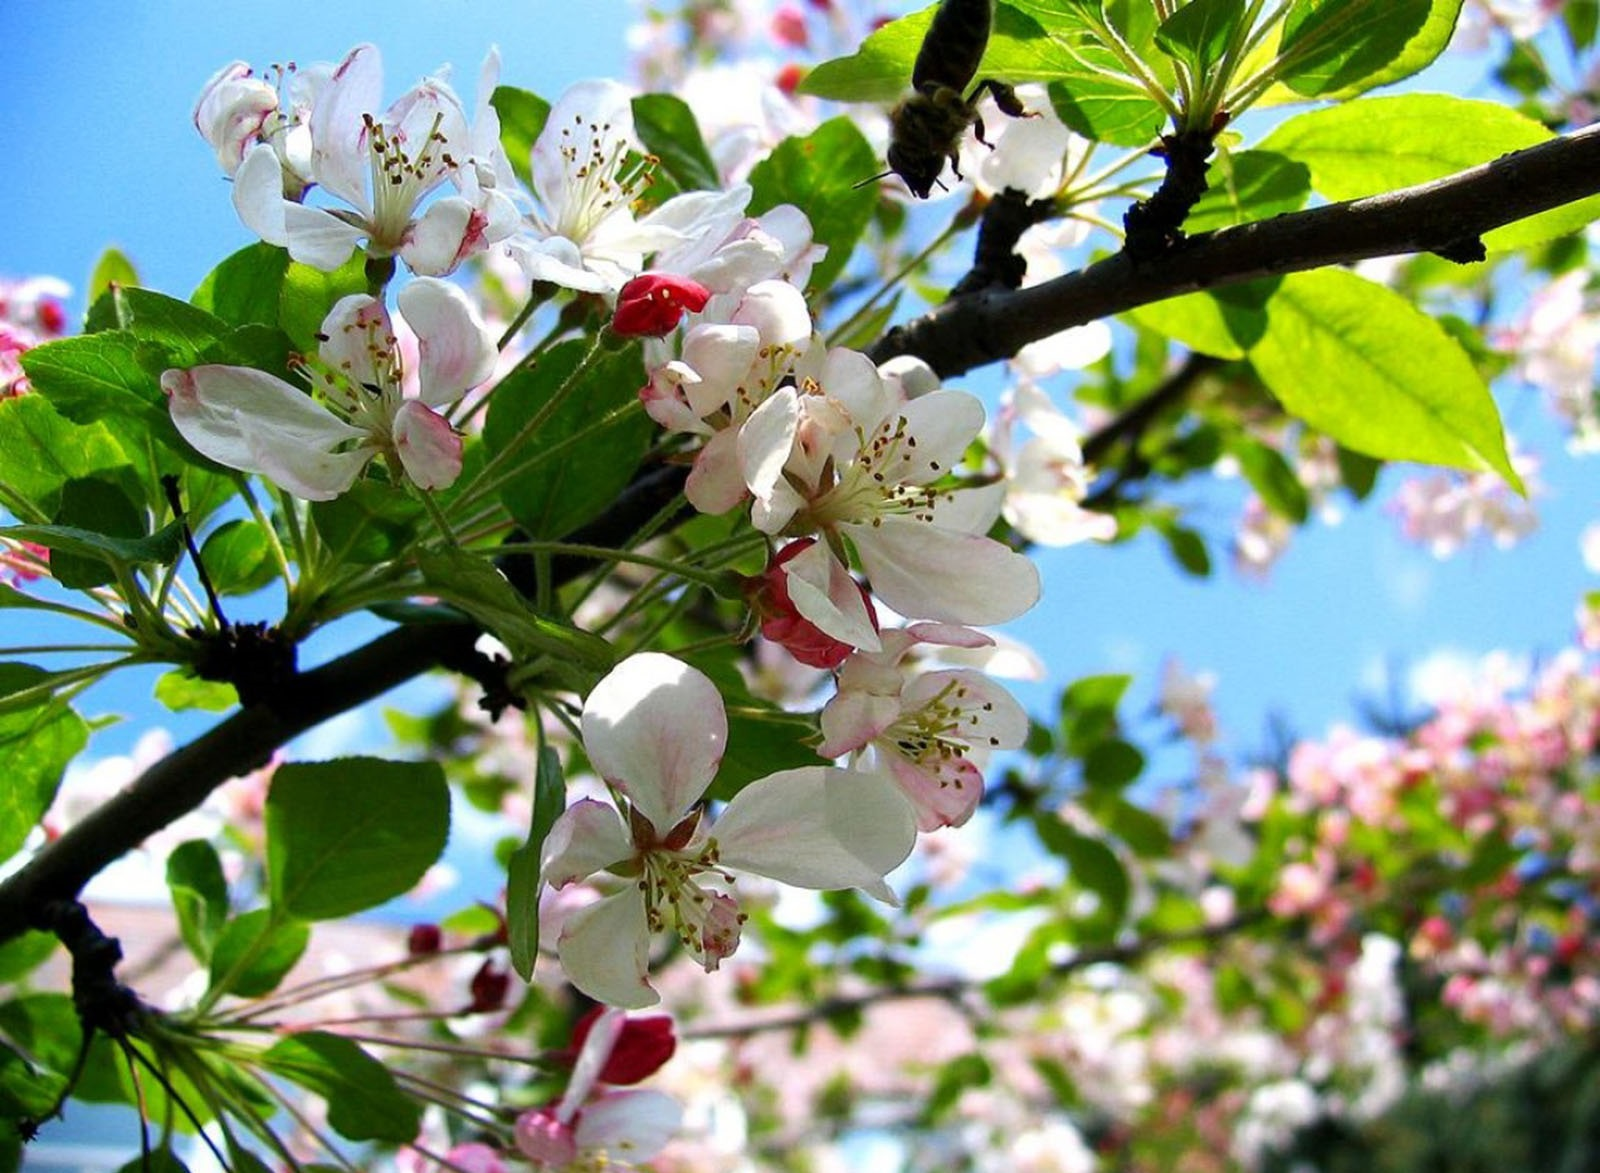 работы, тесты, а на україні розквітають сади проверенные квартиры!Проектная декларация